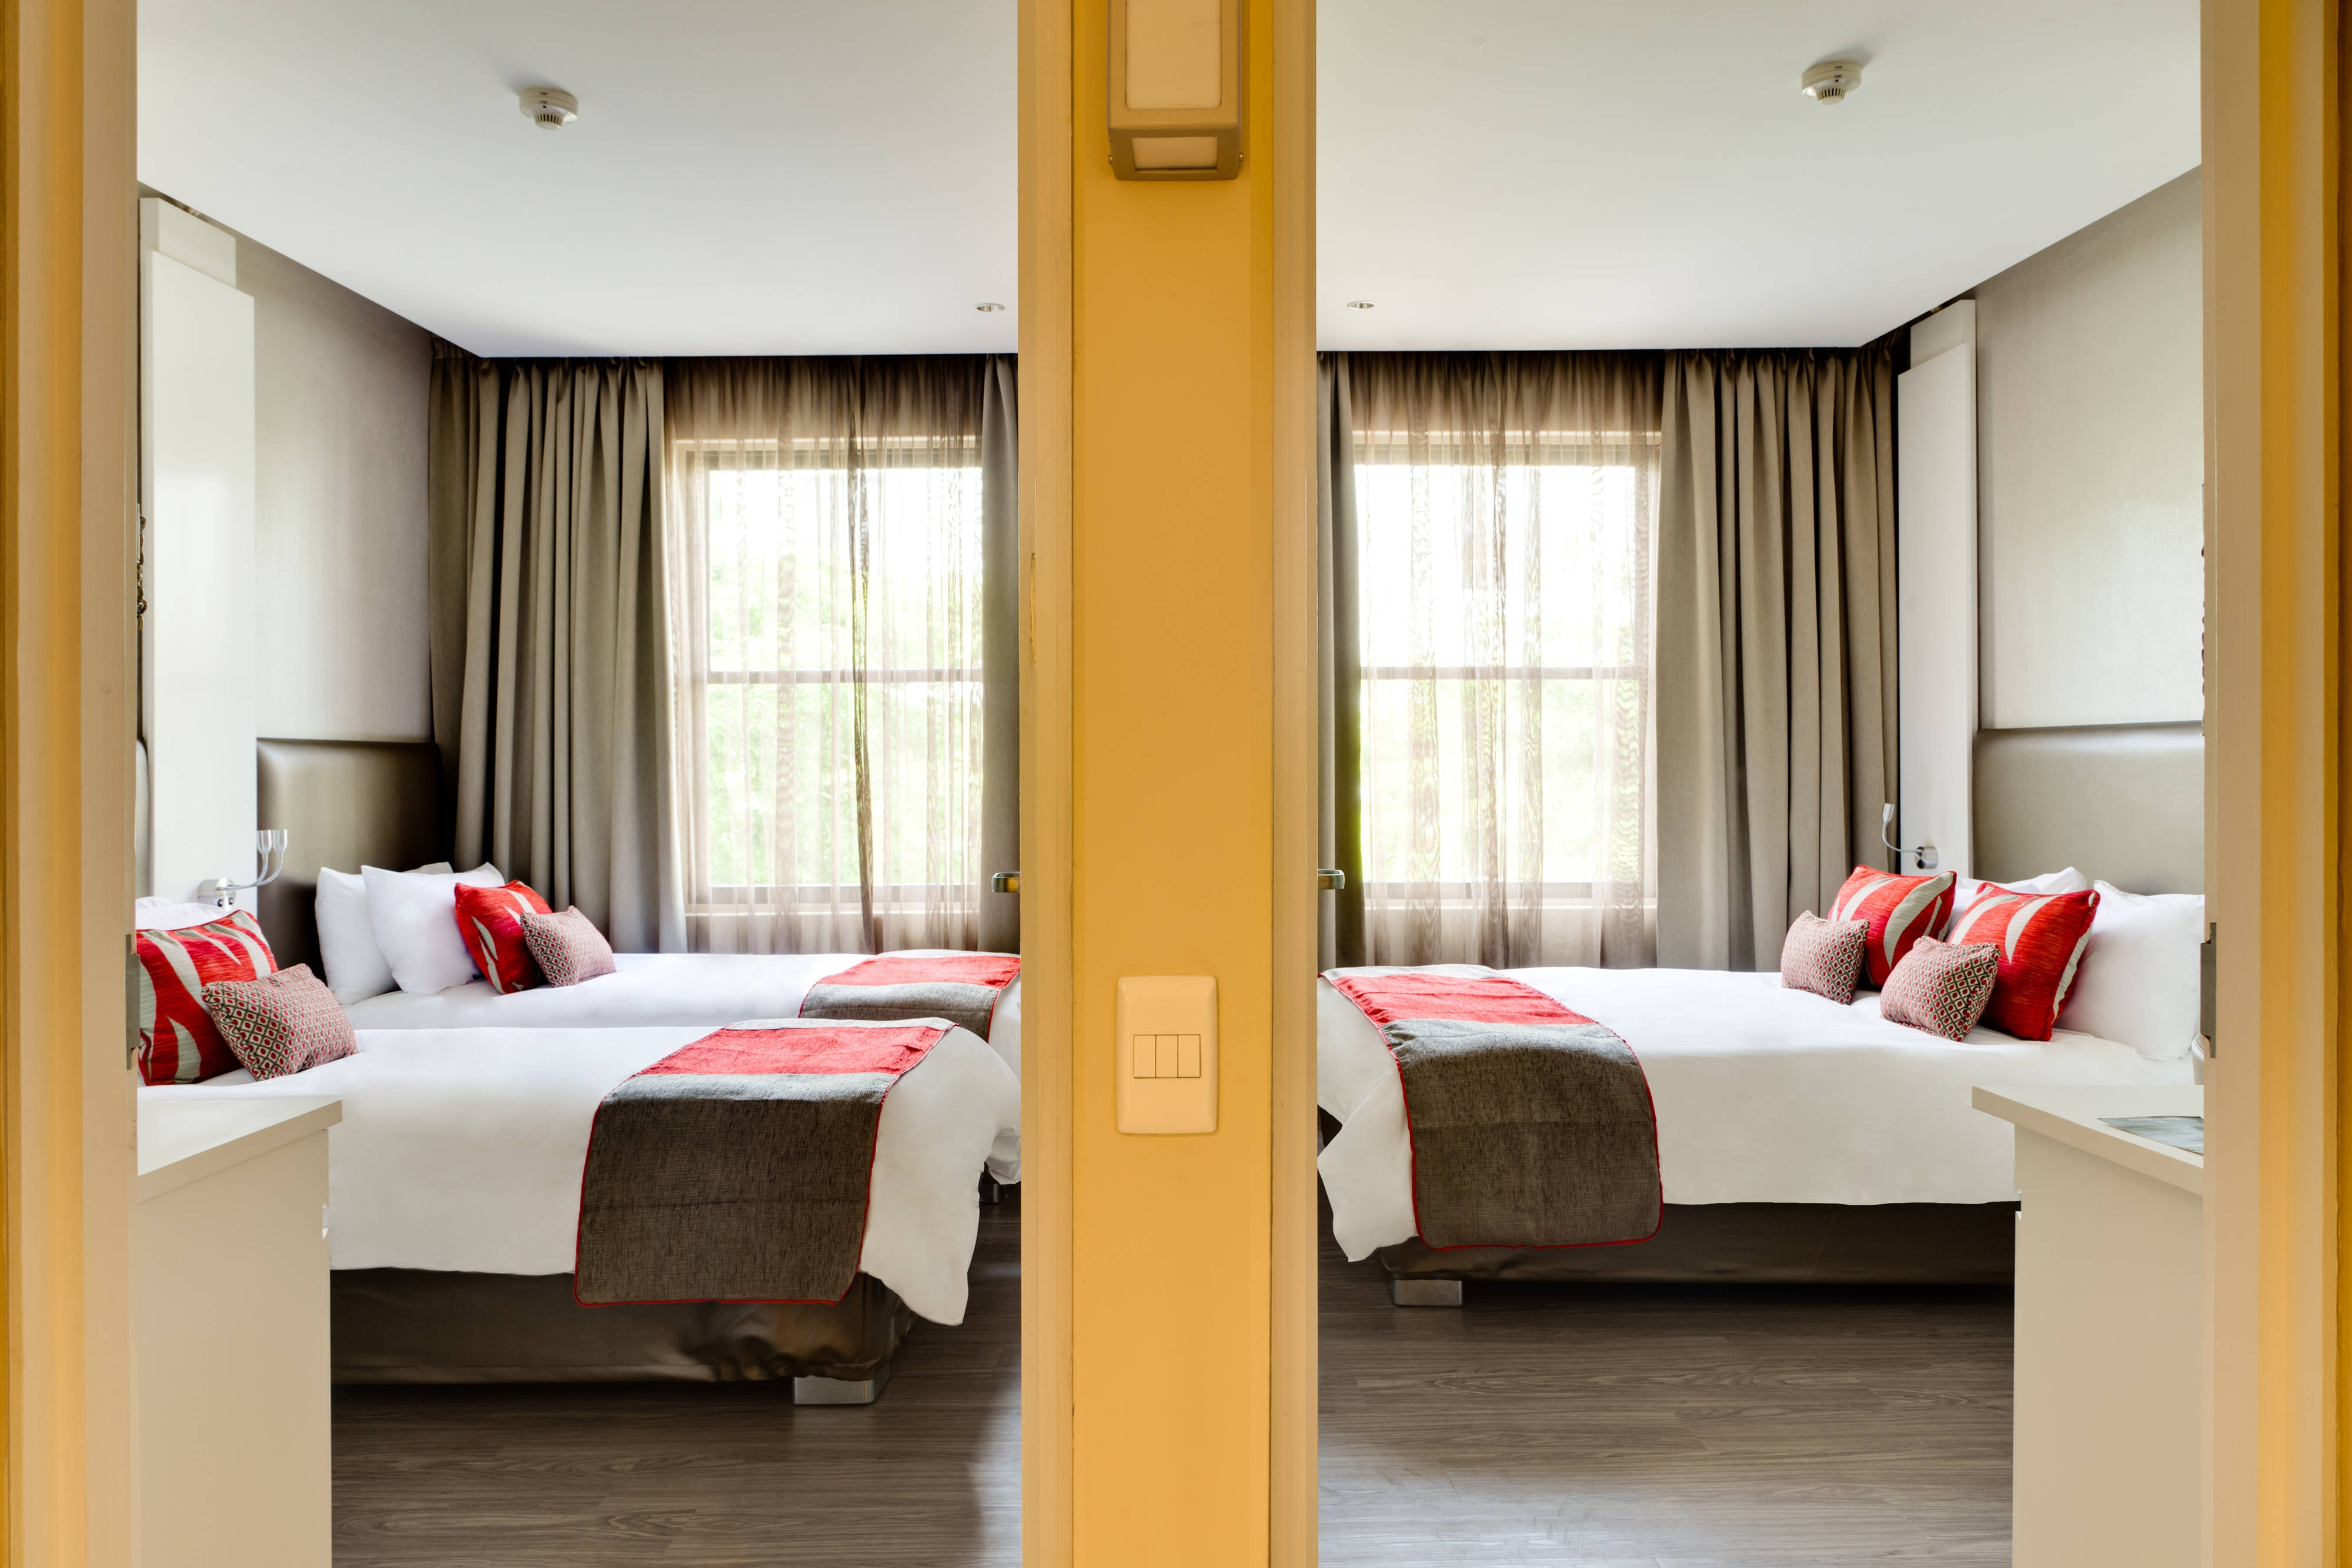 Cama King y dos camas dobles - Habitación familiar